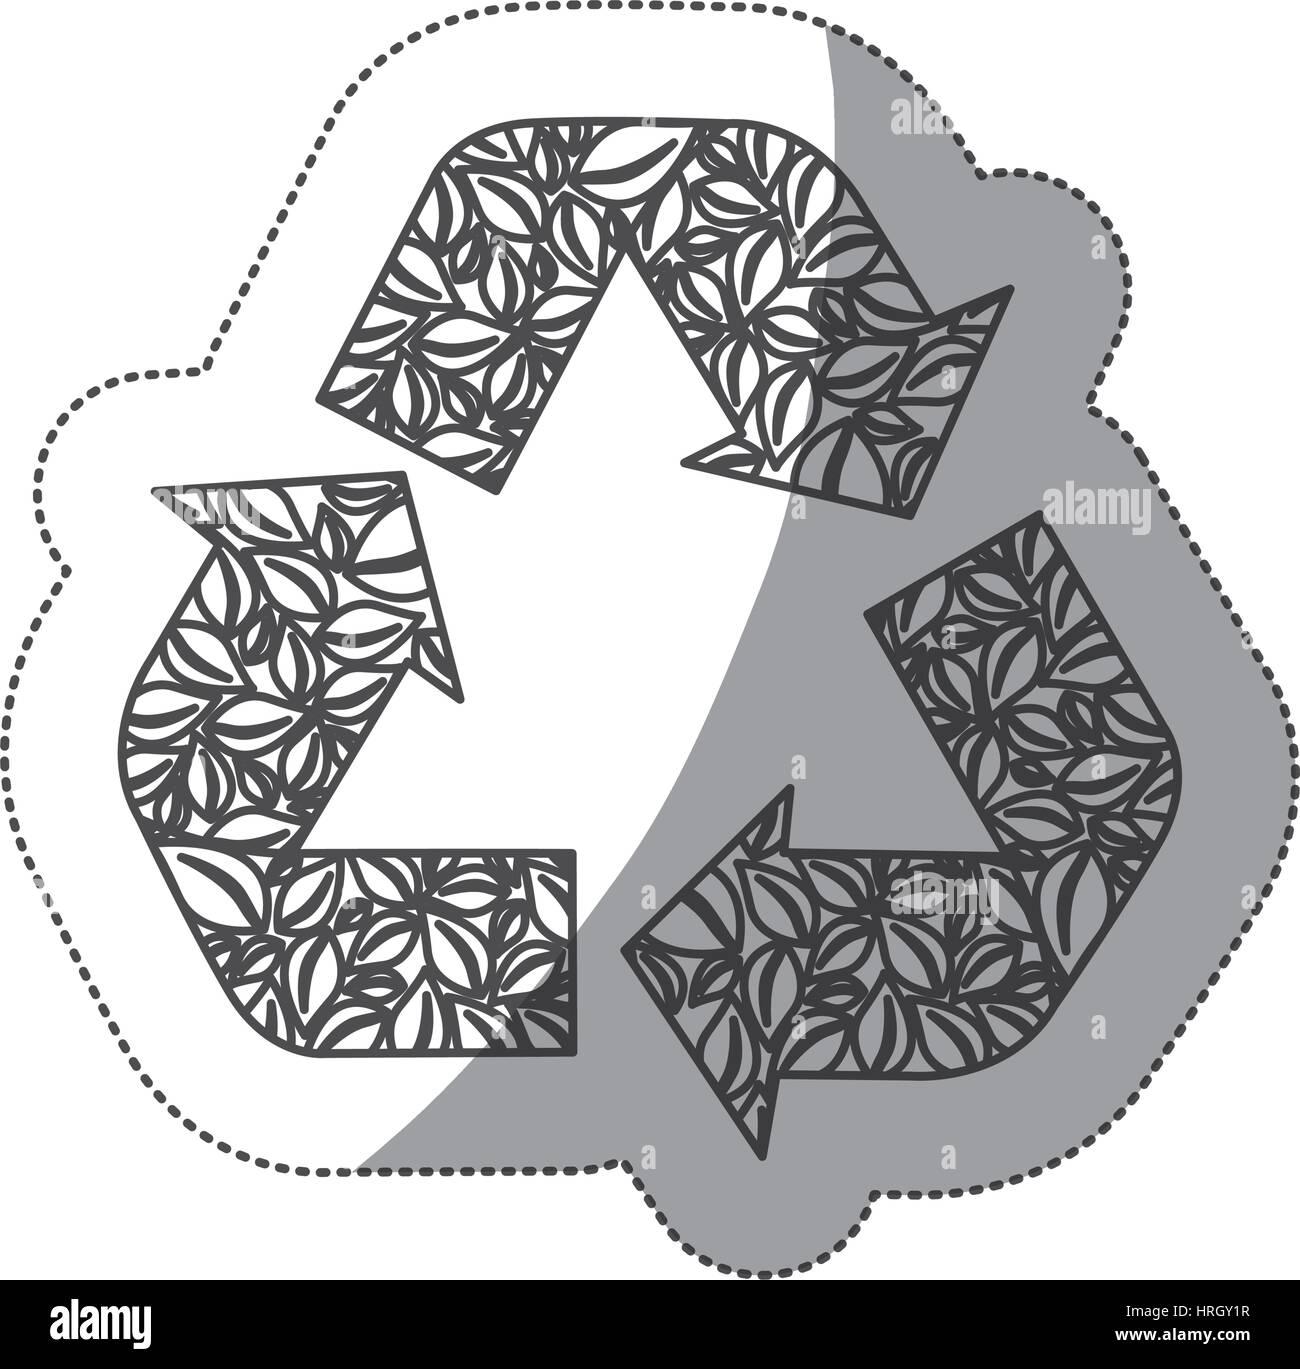 Simbolo di silhouette riutilizzare, ridurre e riciclare icona Immagini Stock